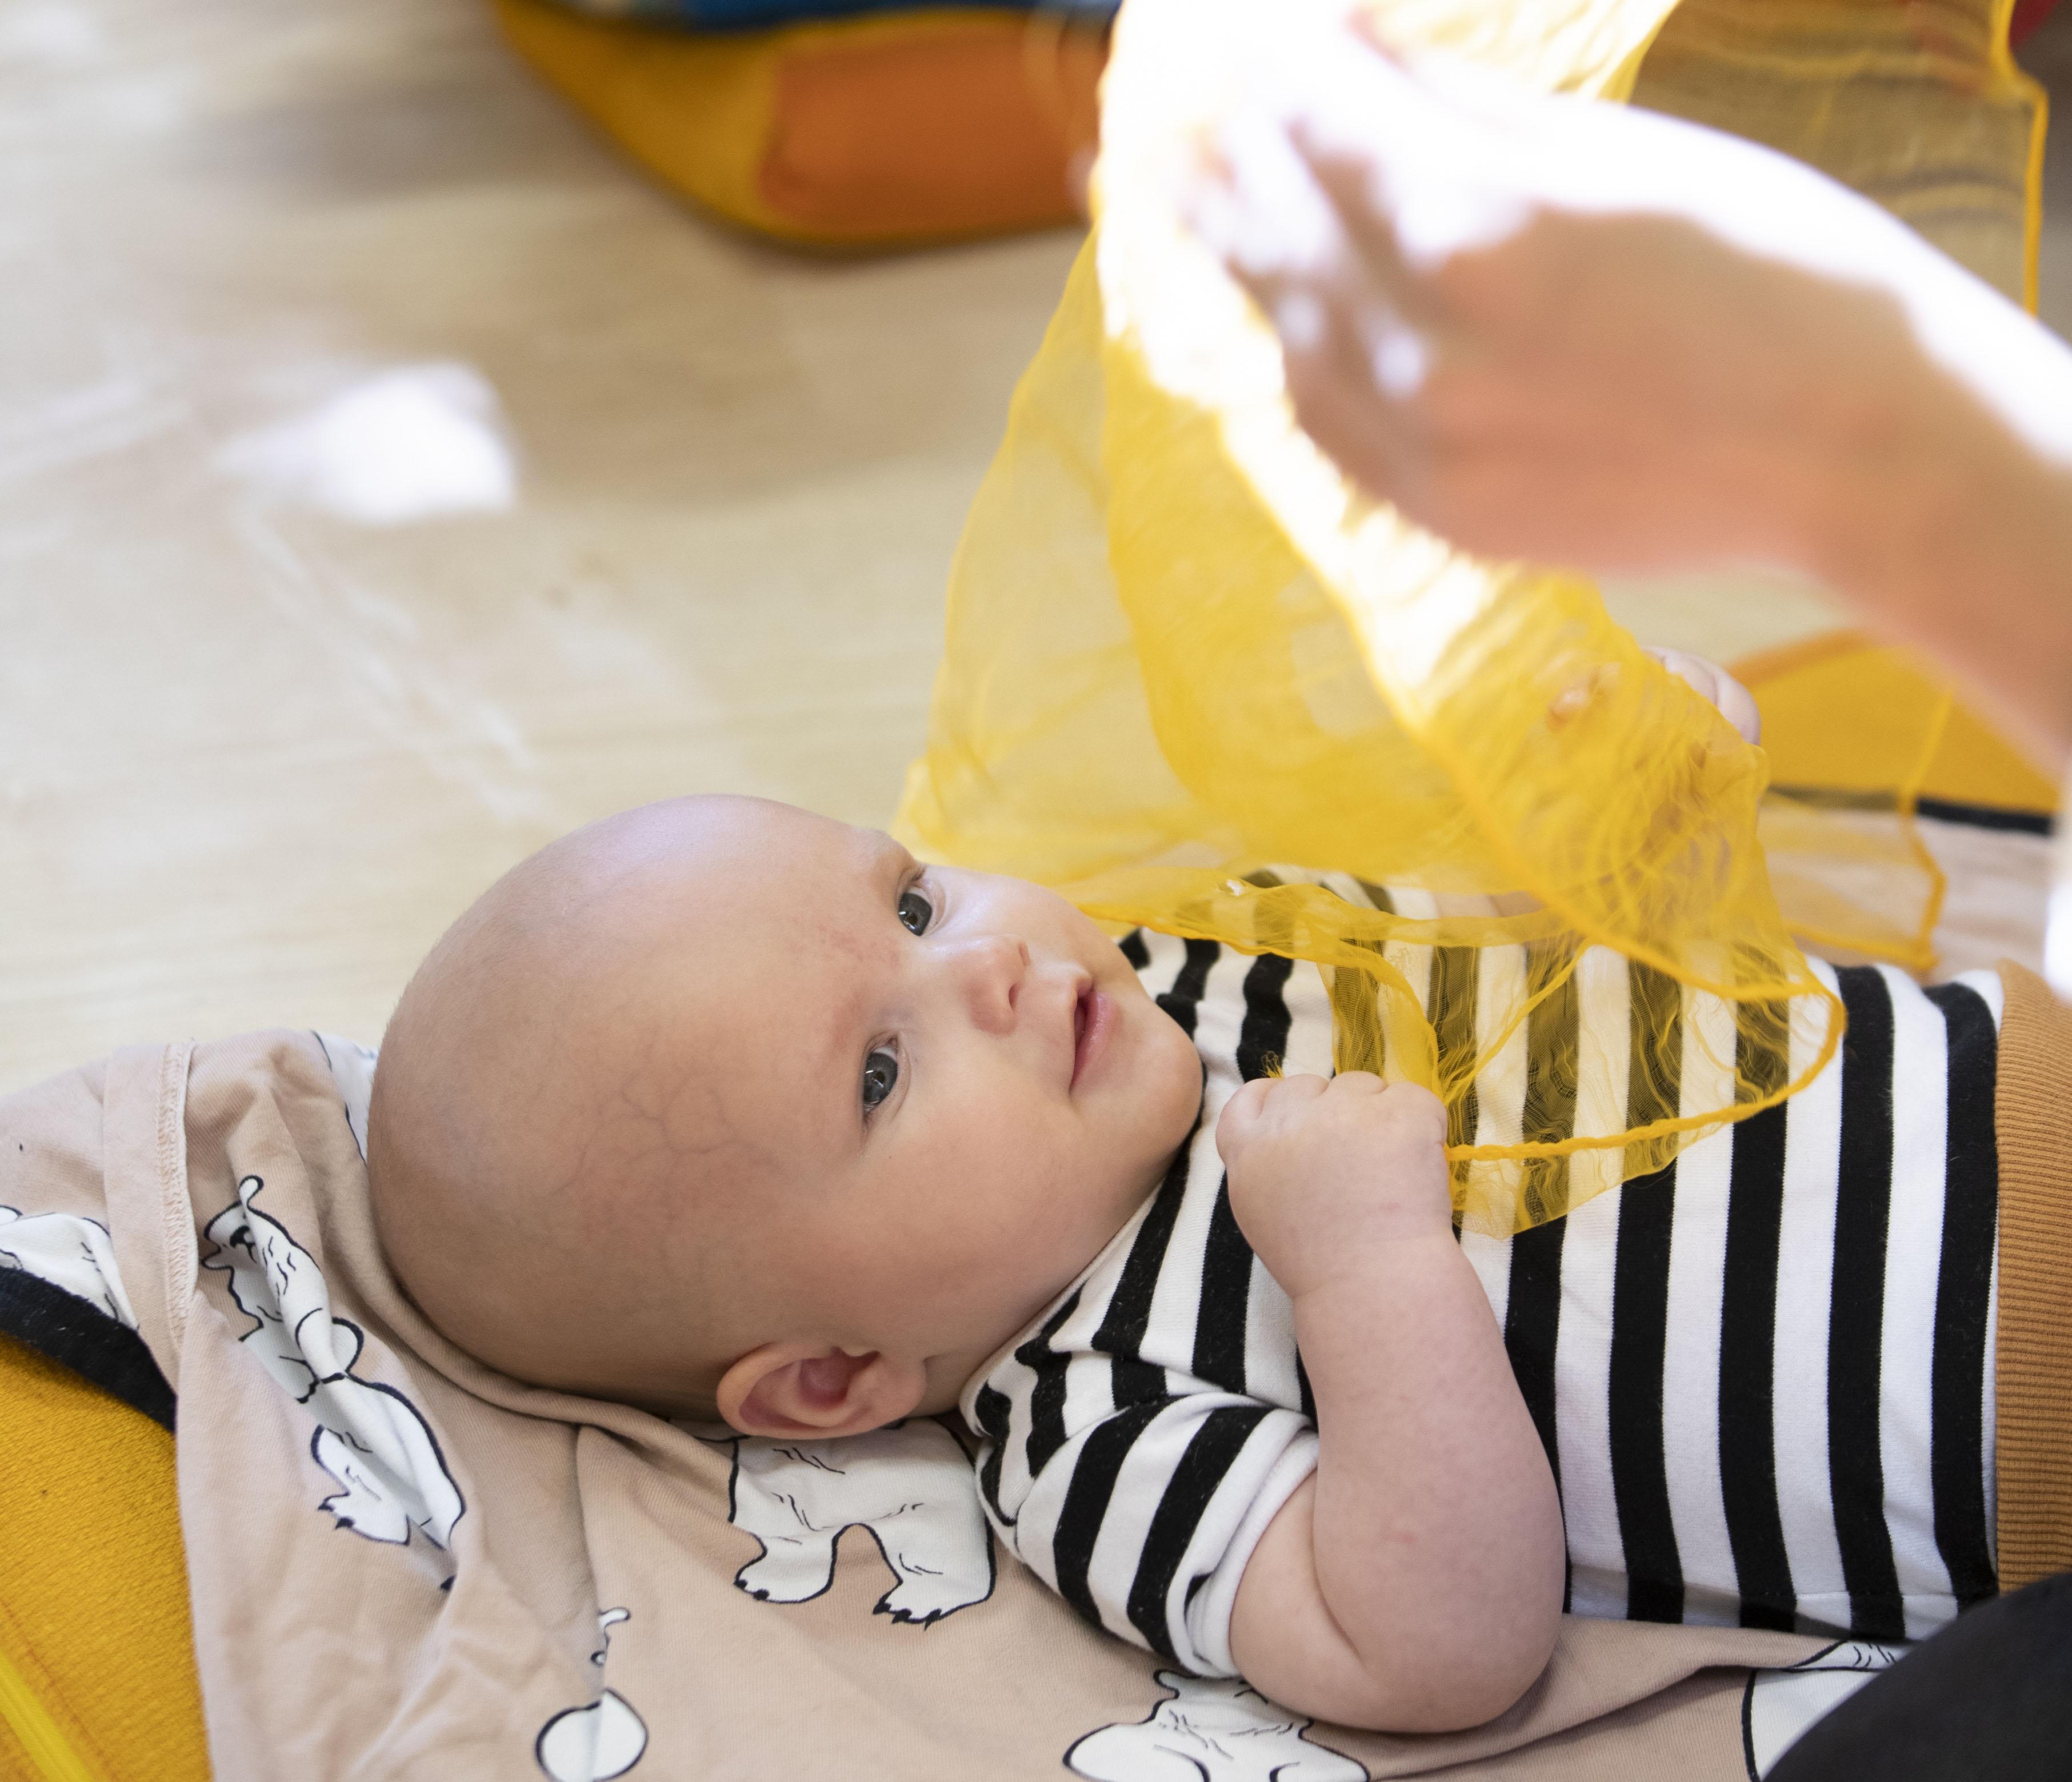 Mitä vauvamuskarissa tehdään